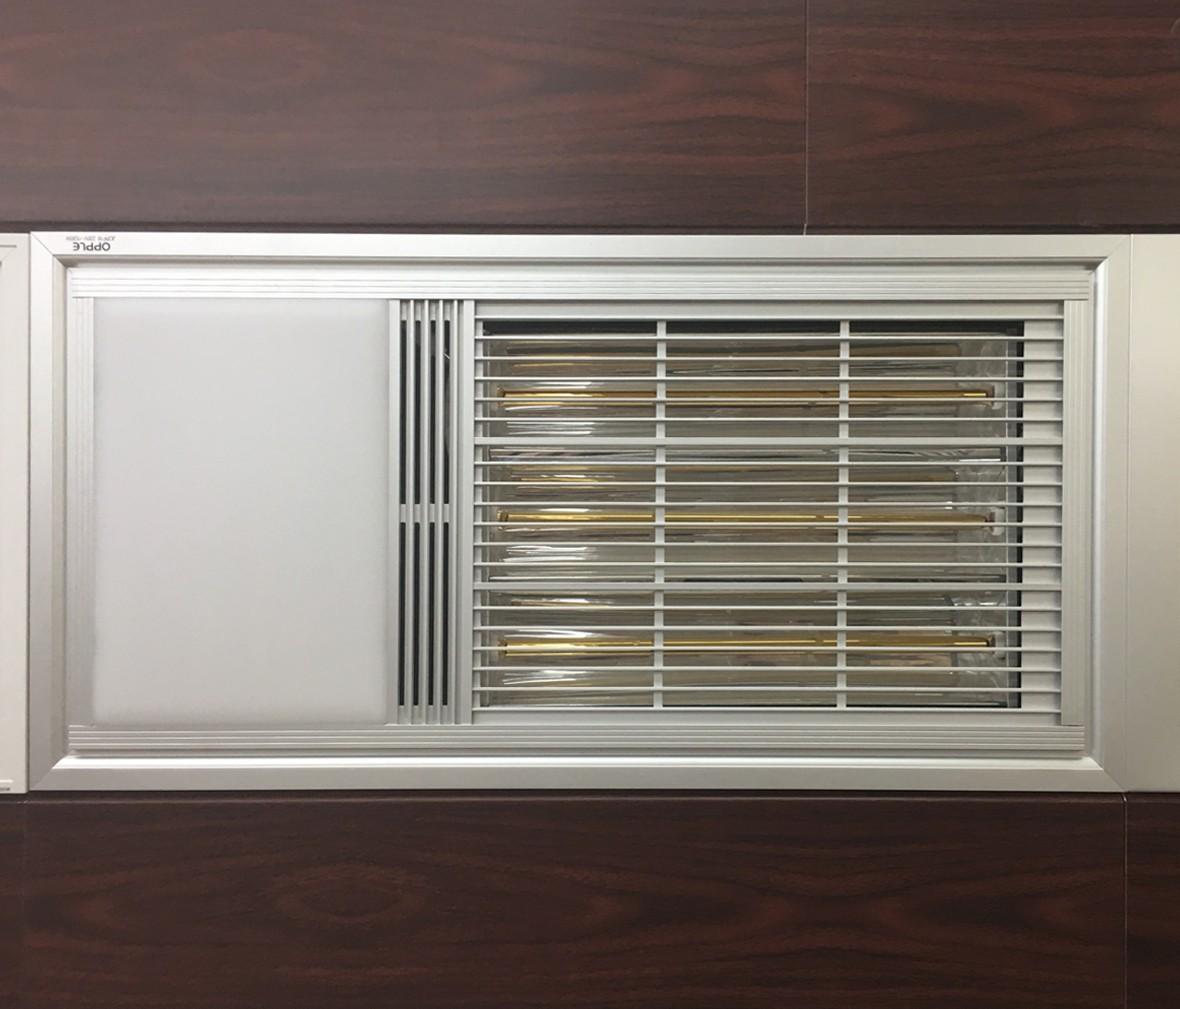 欧普吊顶 F18型号光波三合一灯暖浴霸 集成吊顶 600*300mm 单品展示